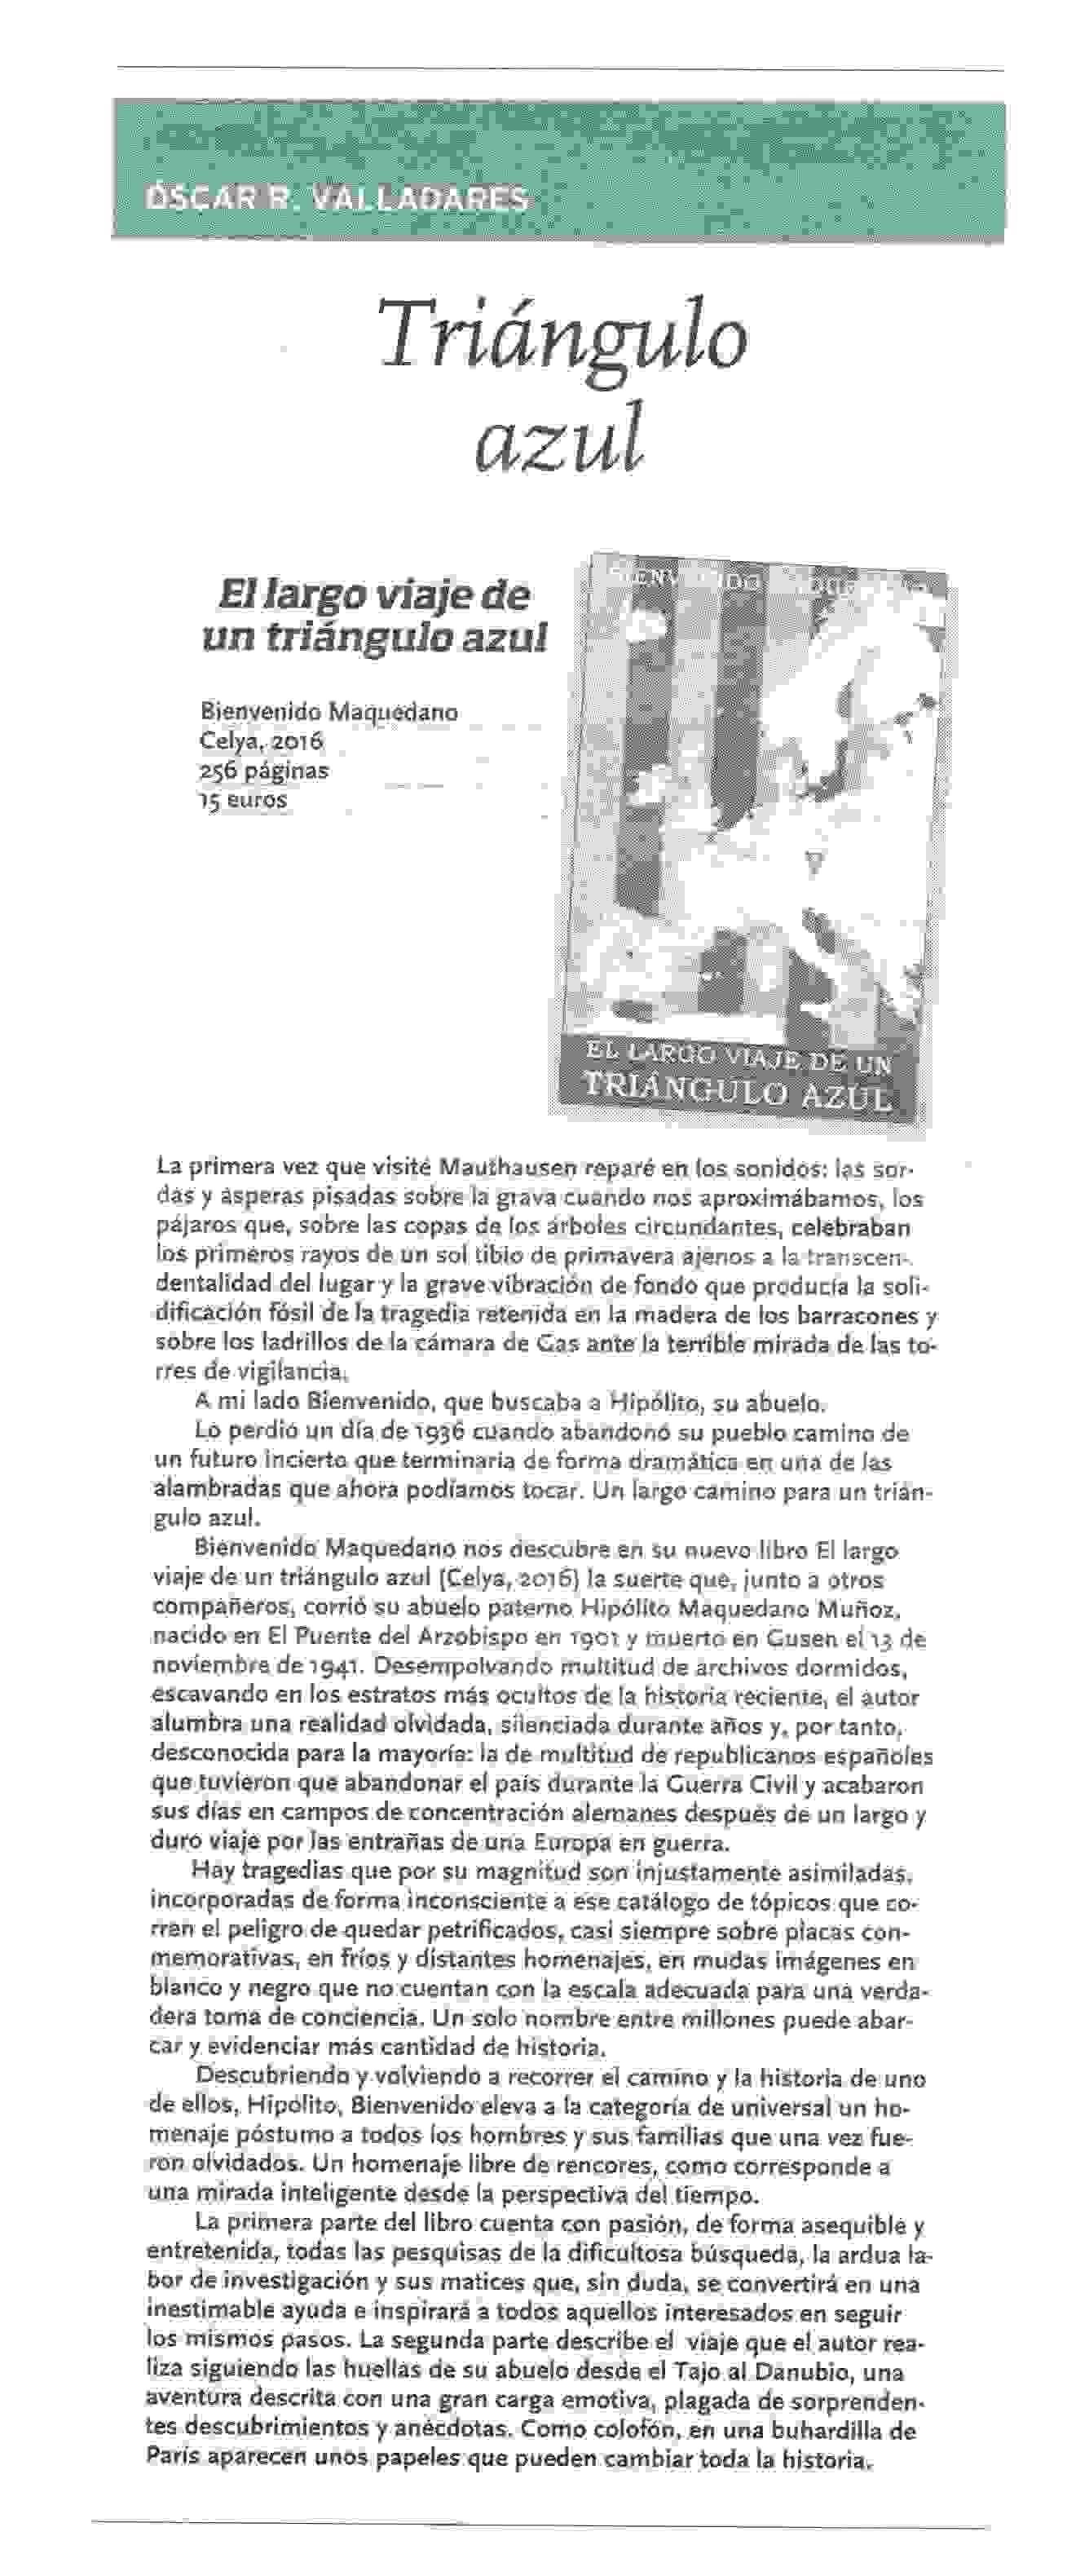 LA TRIBUNA : Triángulo azul, por Óscar R. Valladares.